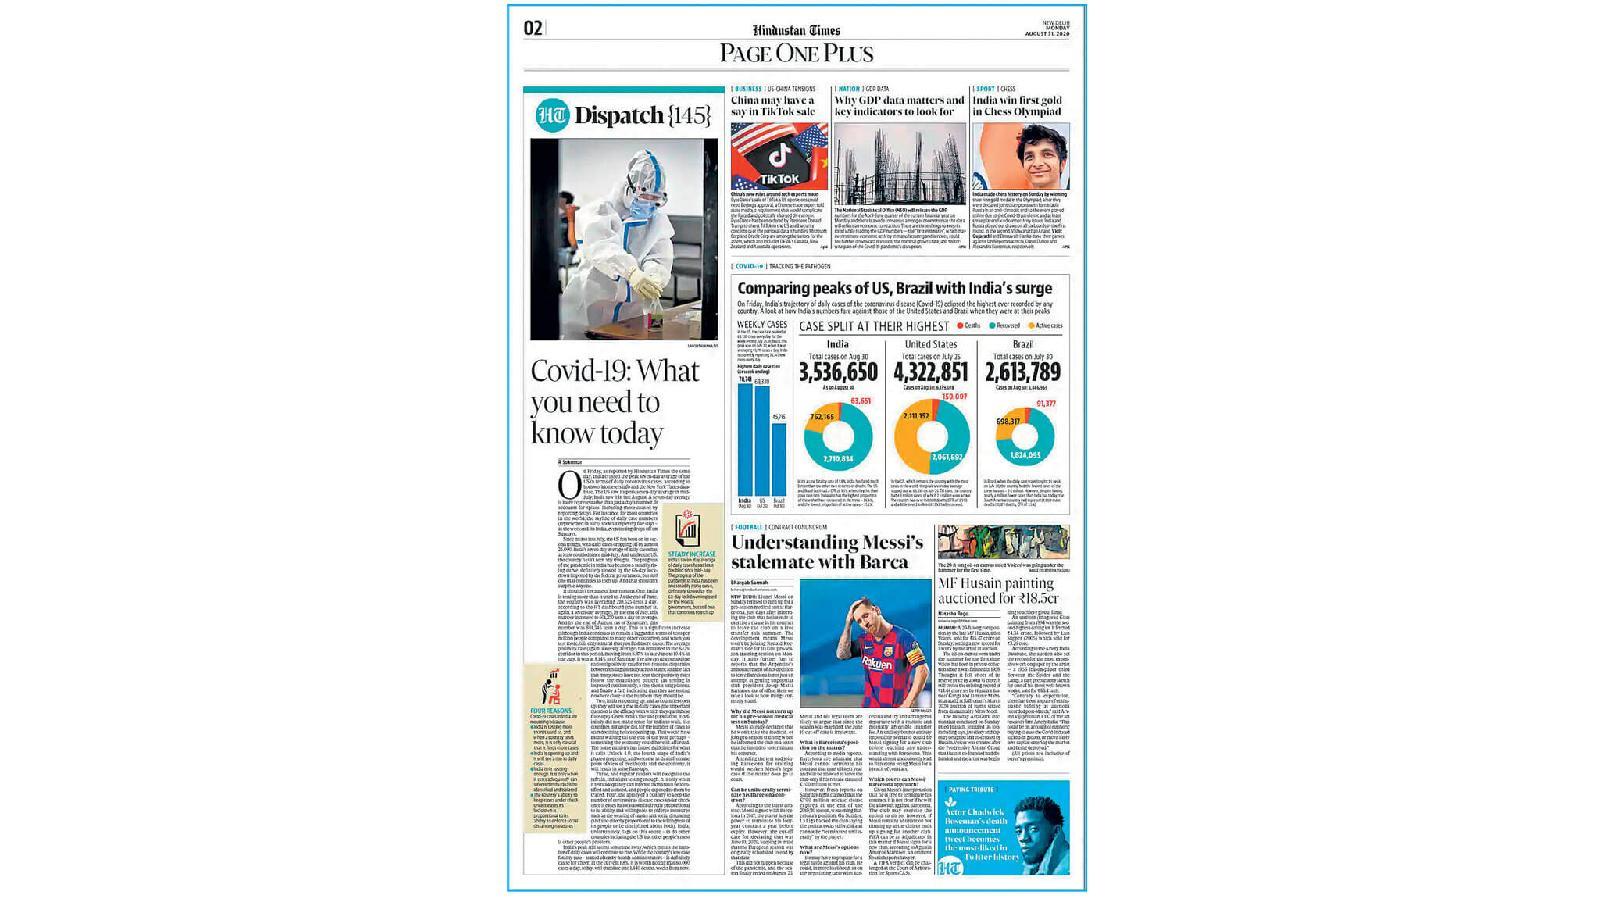 Основные принципы подачи контента в обновленной газете: проще и понятнее рубрикатор и навигация, меньше длинных статей, крупнее иллюстрации